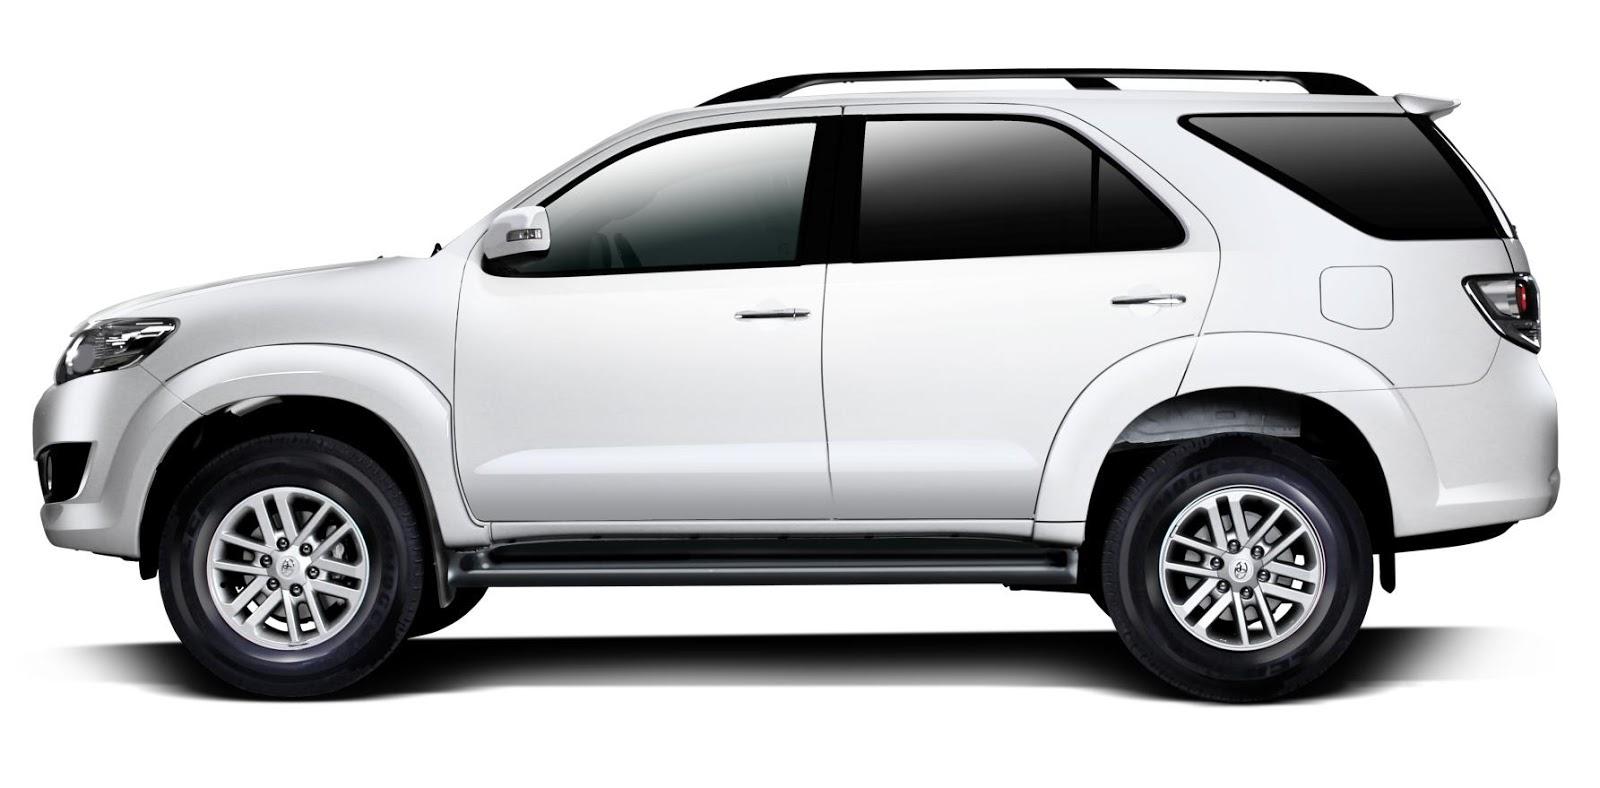 Fitur Grand New Veloz 1.3 Agya Trd 1.2 Fortuner 2011 Dikta Toyota Informasi Produk Dan